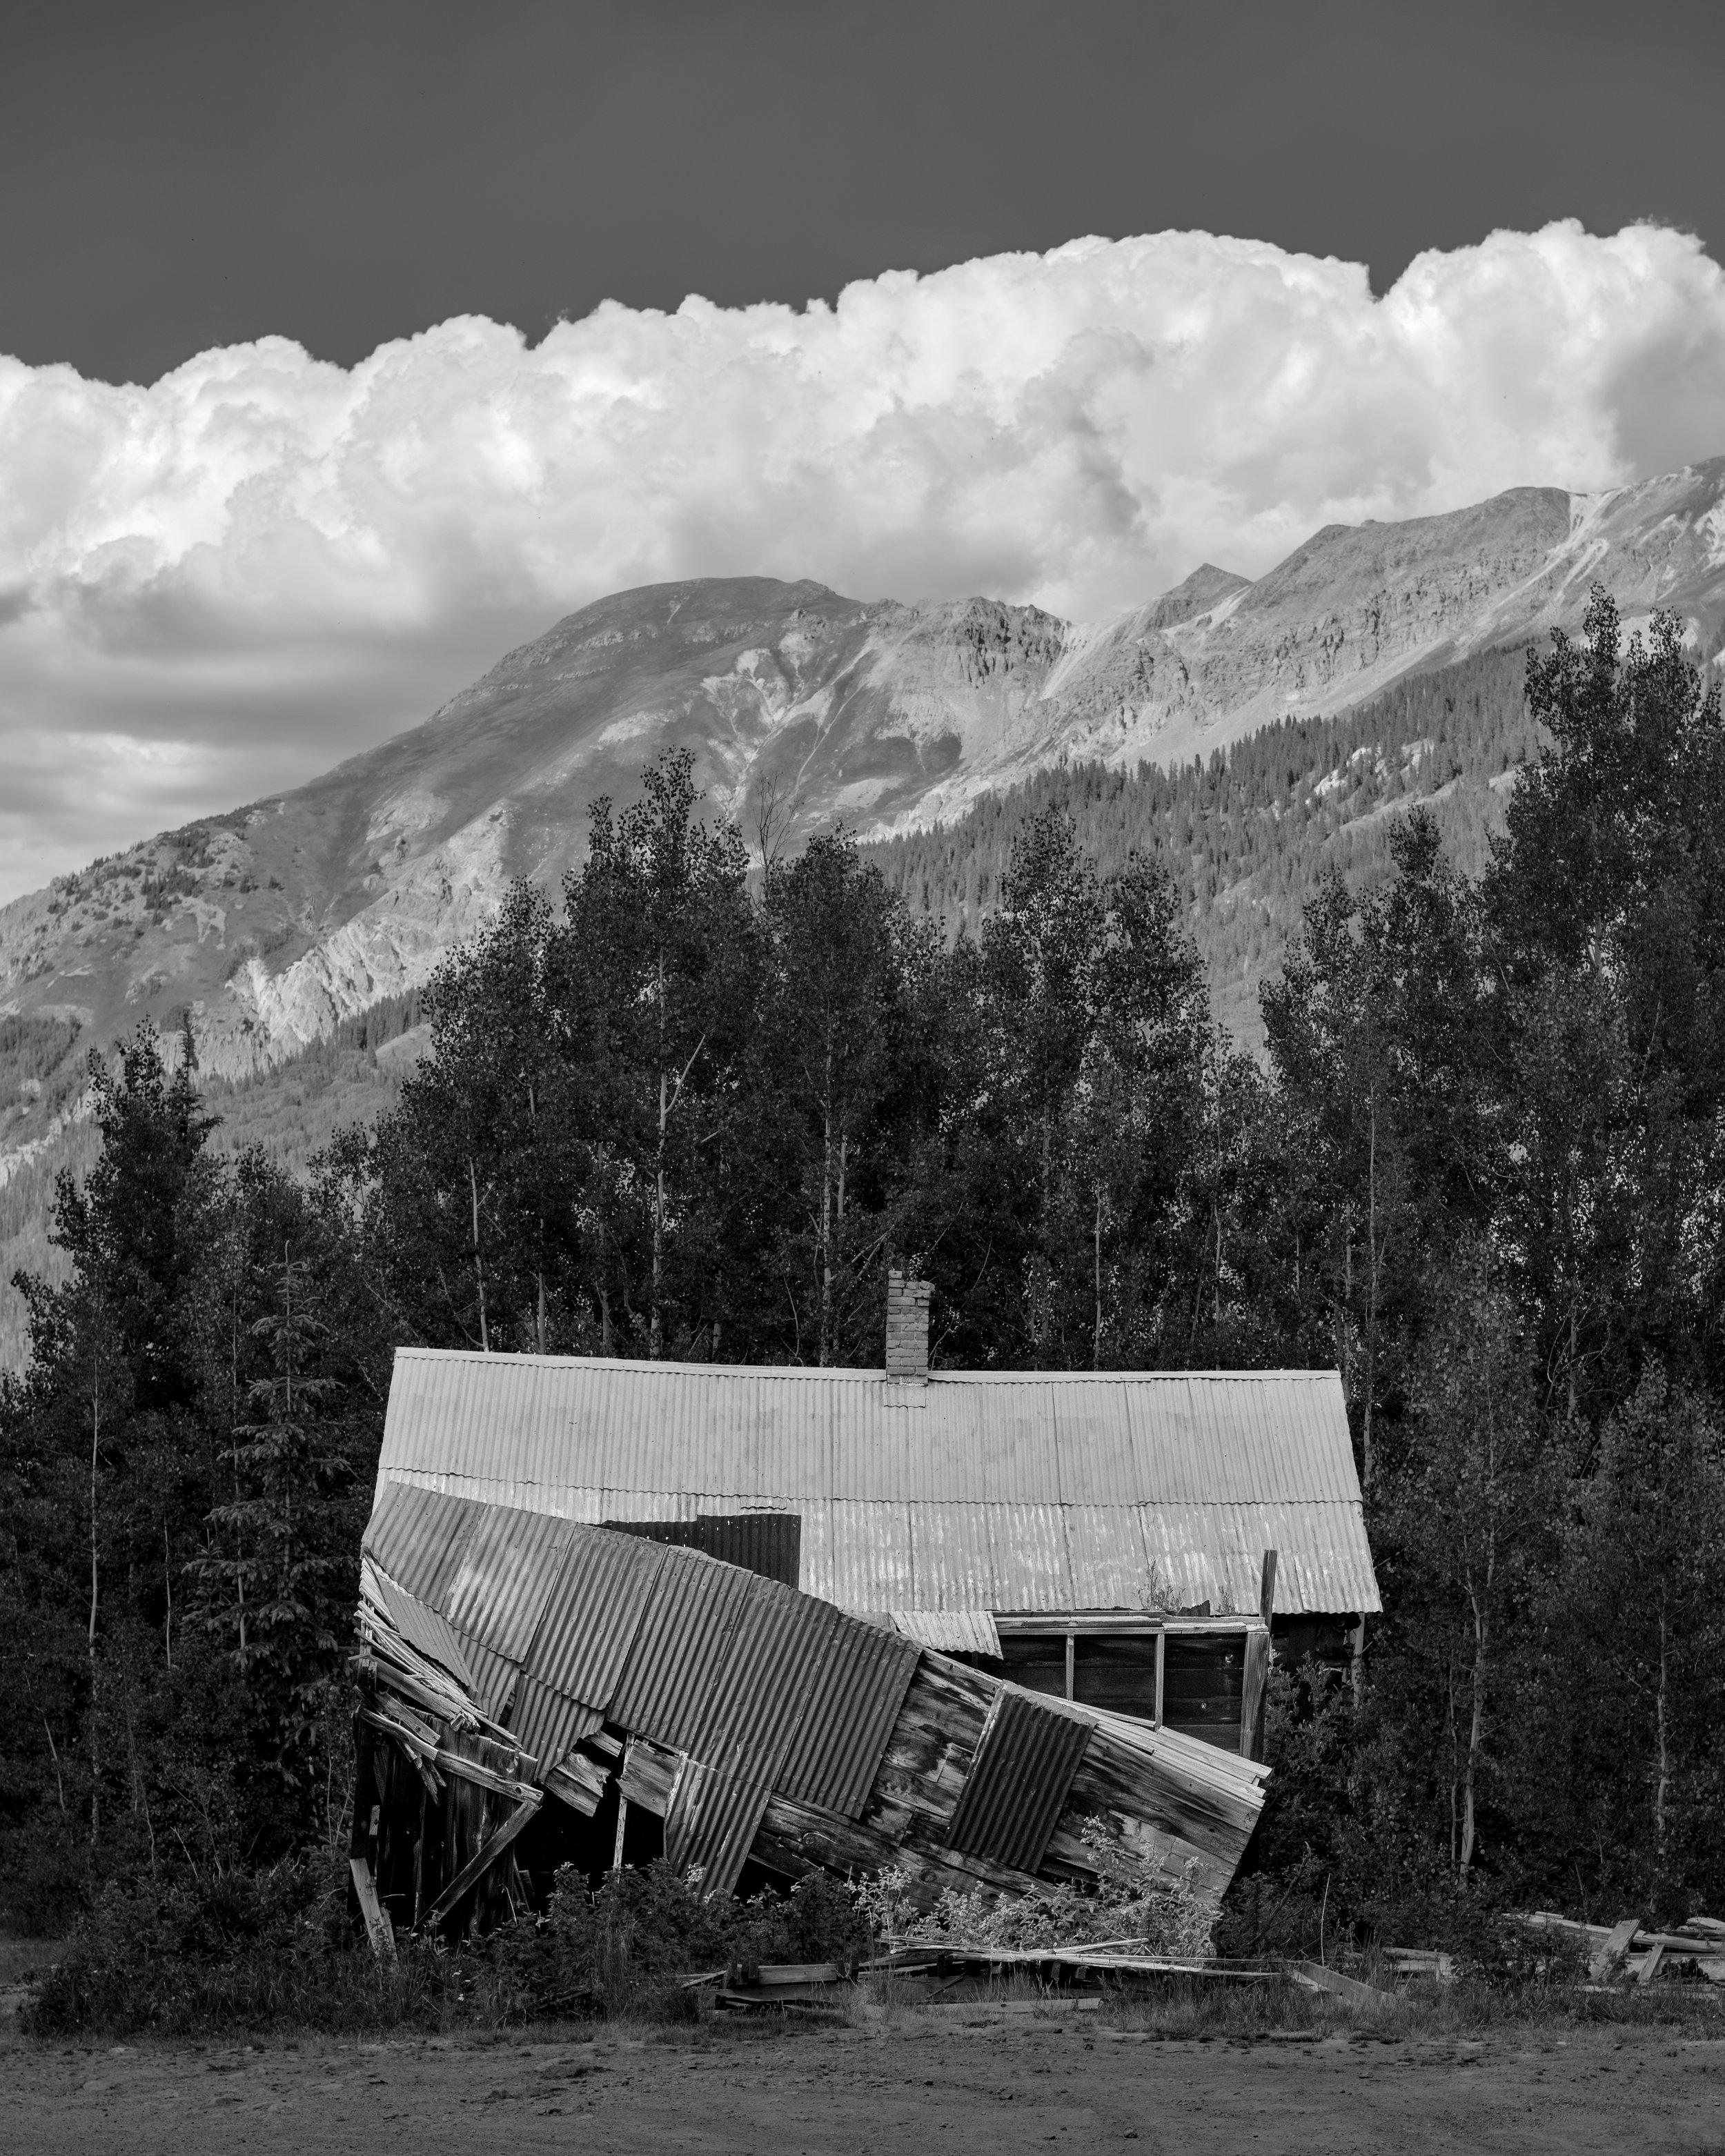 Tims-Colorado-9.jpg